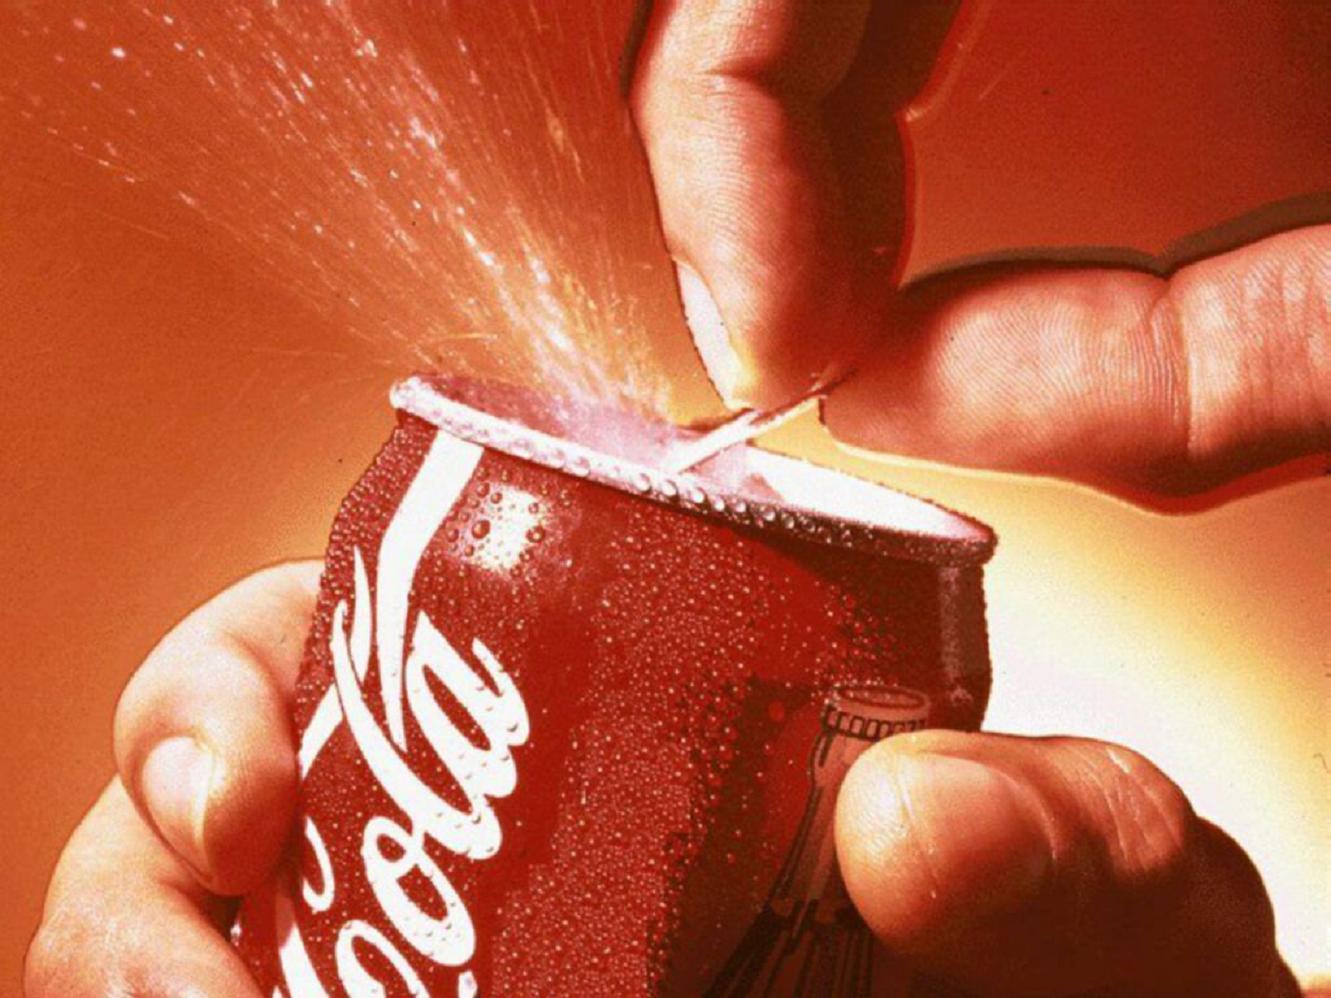 Μήπως ἡ Coca Cola εἶναι τελικῶς χρήσιμη;